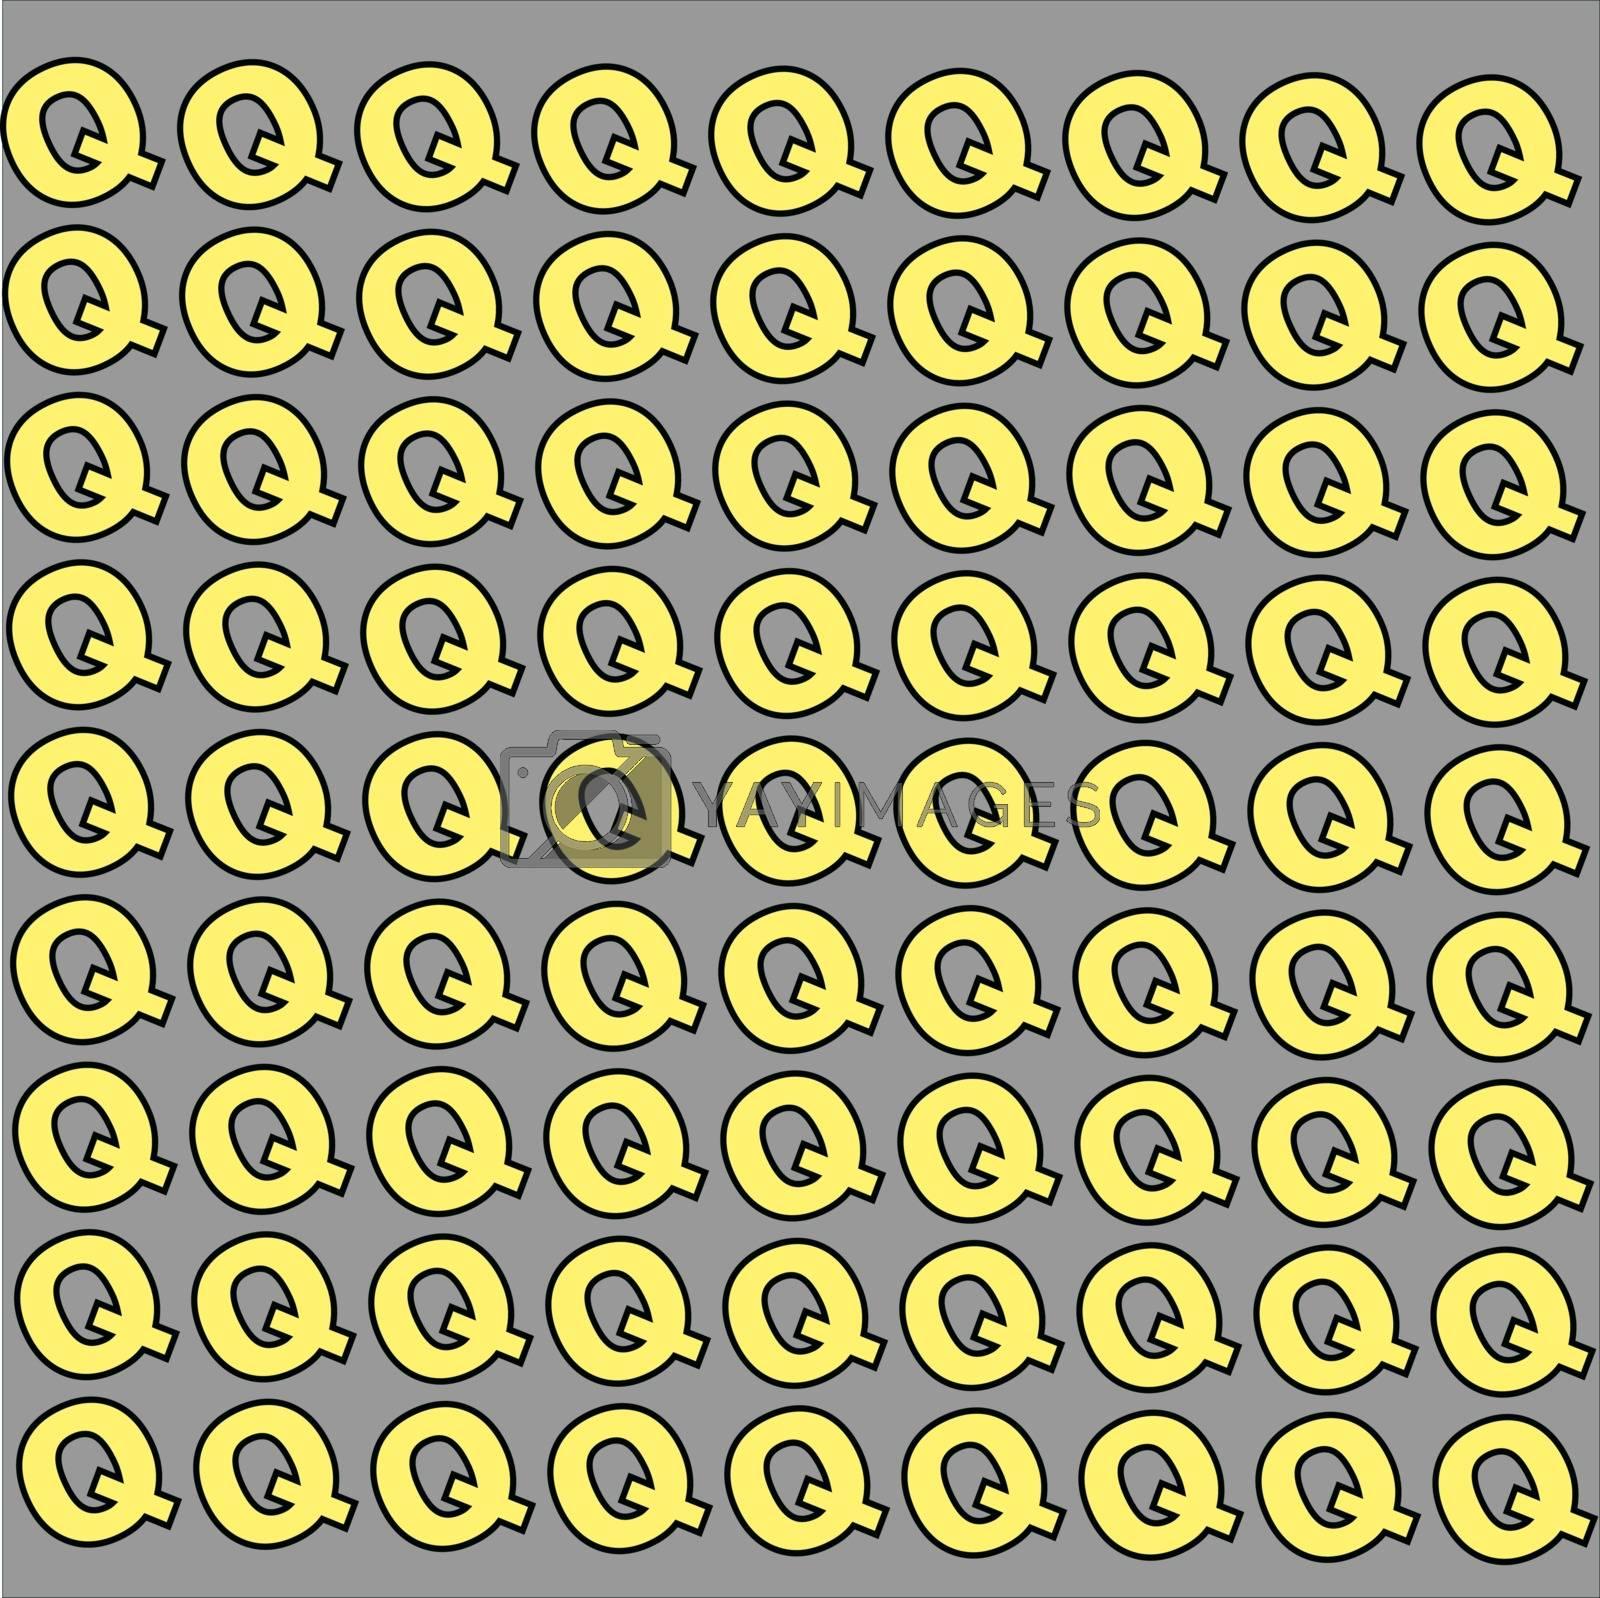 Letter Q wallpaper, illustration, vector on white background.